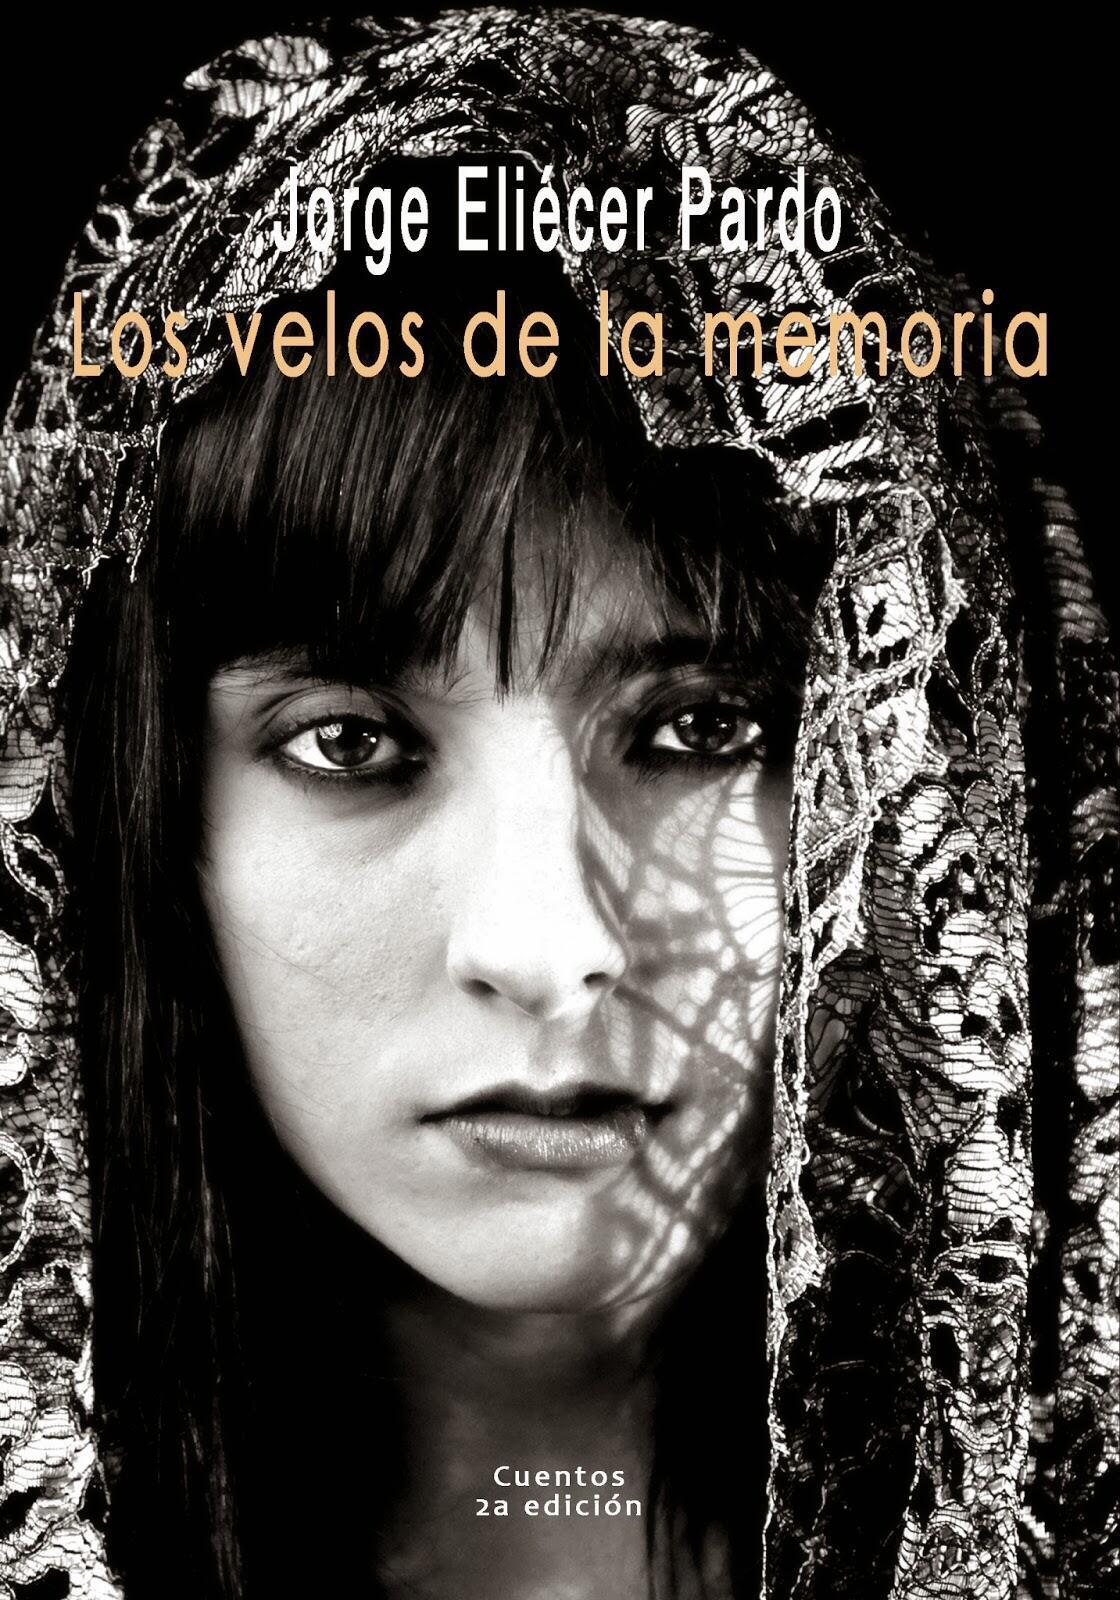 Carátula de la segunda edición de 'Los velos de la memoria', libro del escritor colombiano Jorge Eliécer Pardo.